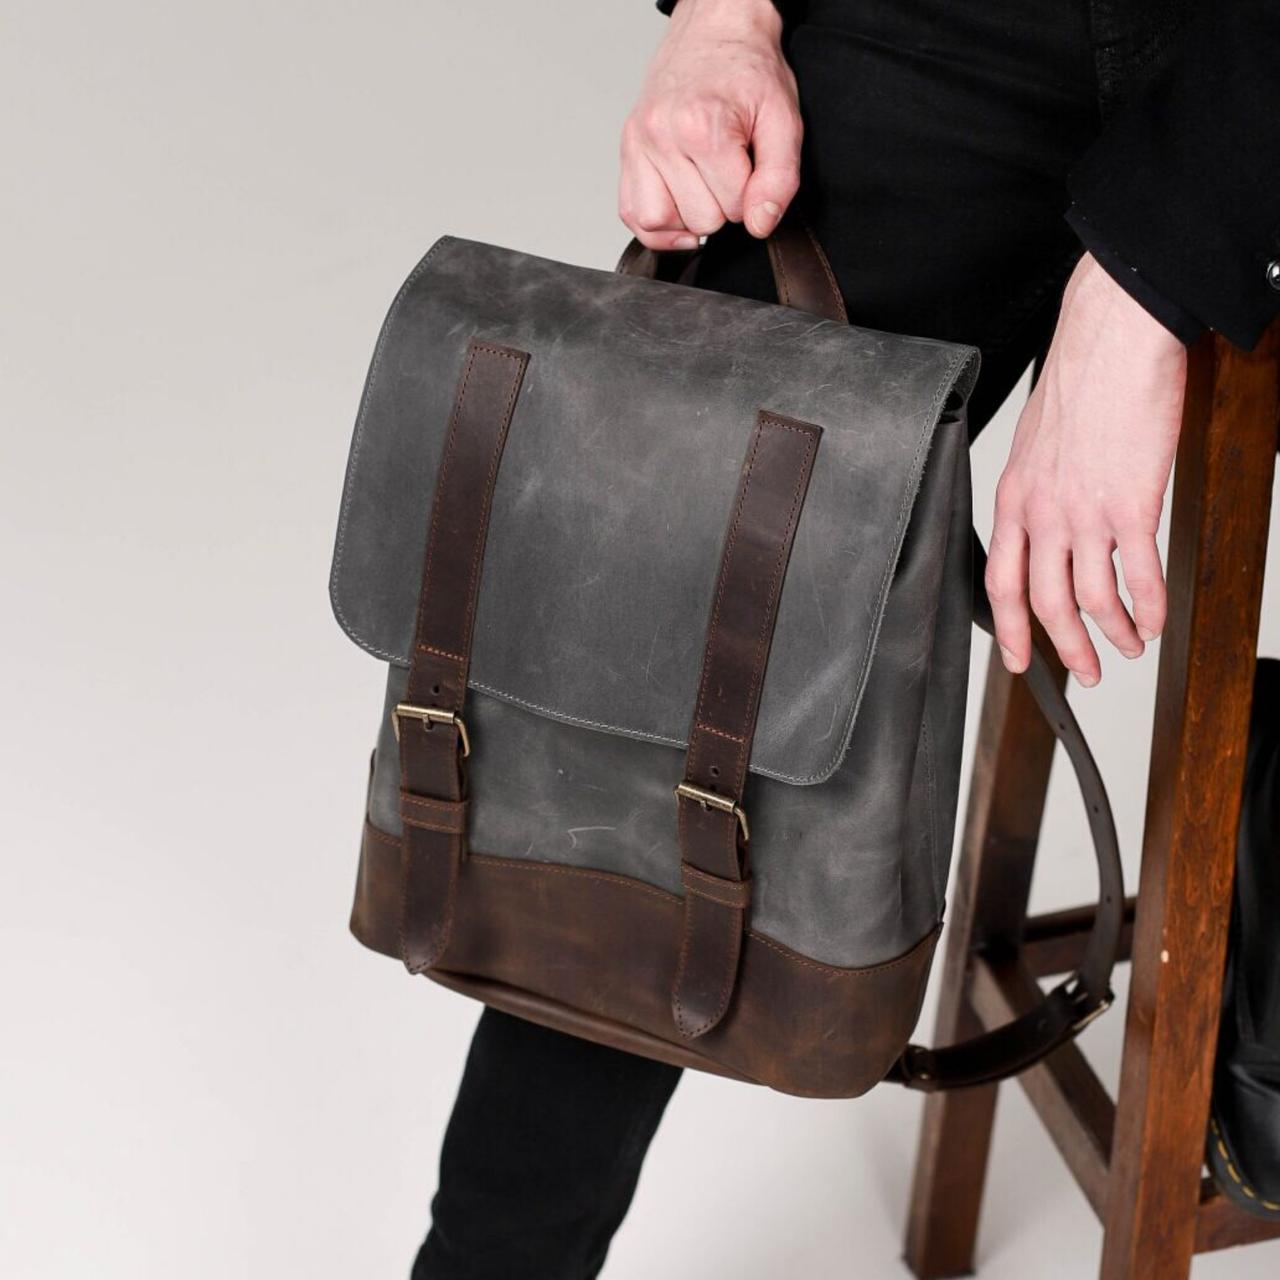 Чоловічий рюкзак з натуральної шкіри сірого кольору. Чоловічій шкіряний рюкзак. Чоловічий рюкзак